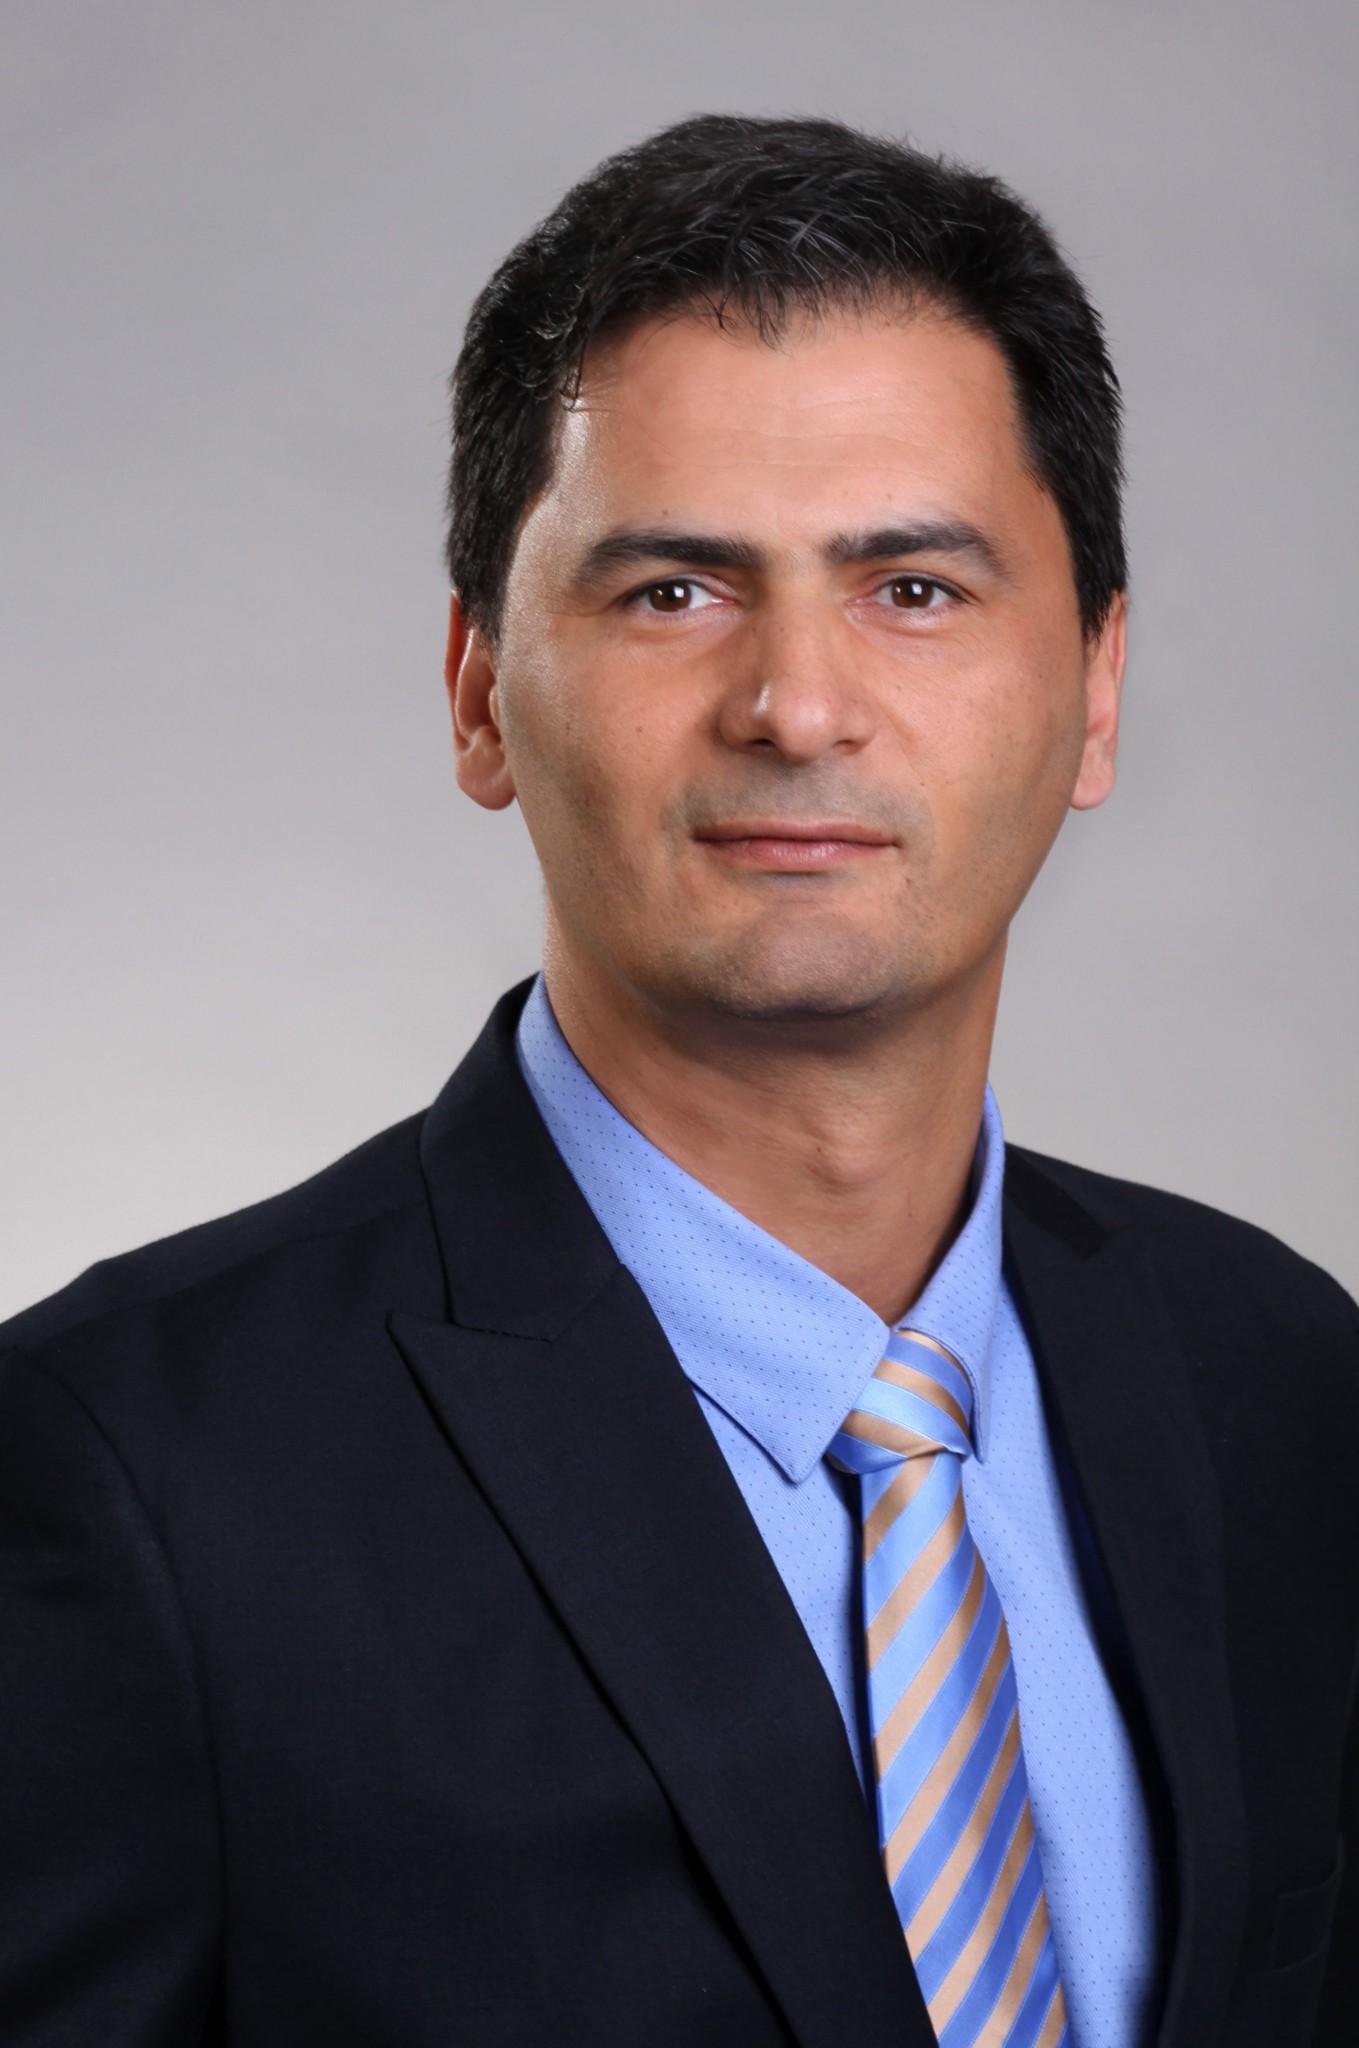 Yaron Saban, CEO CreditPlace. Photo by Osnat Krasnansky